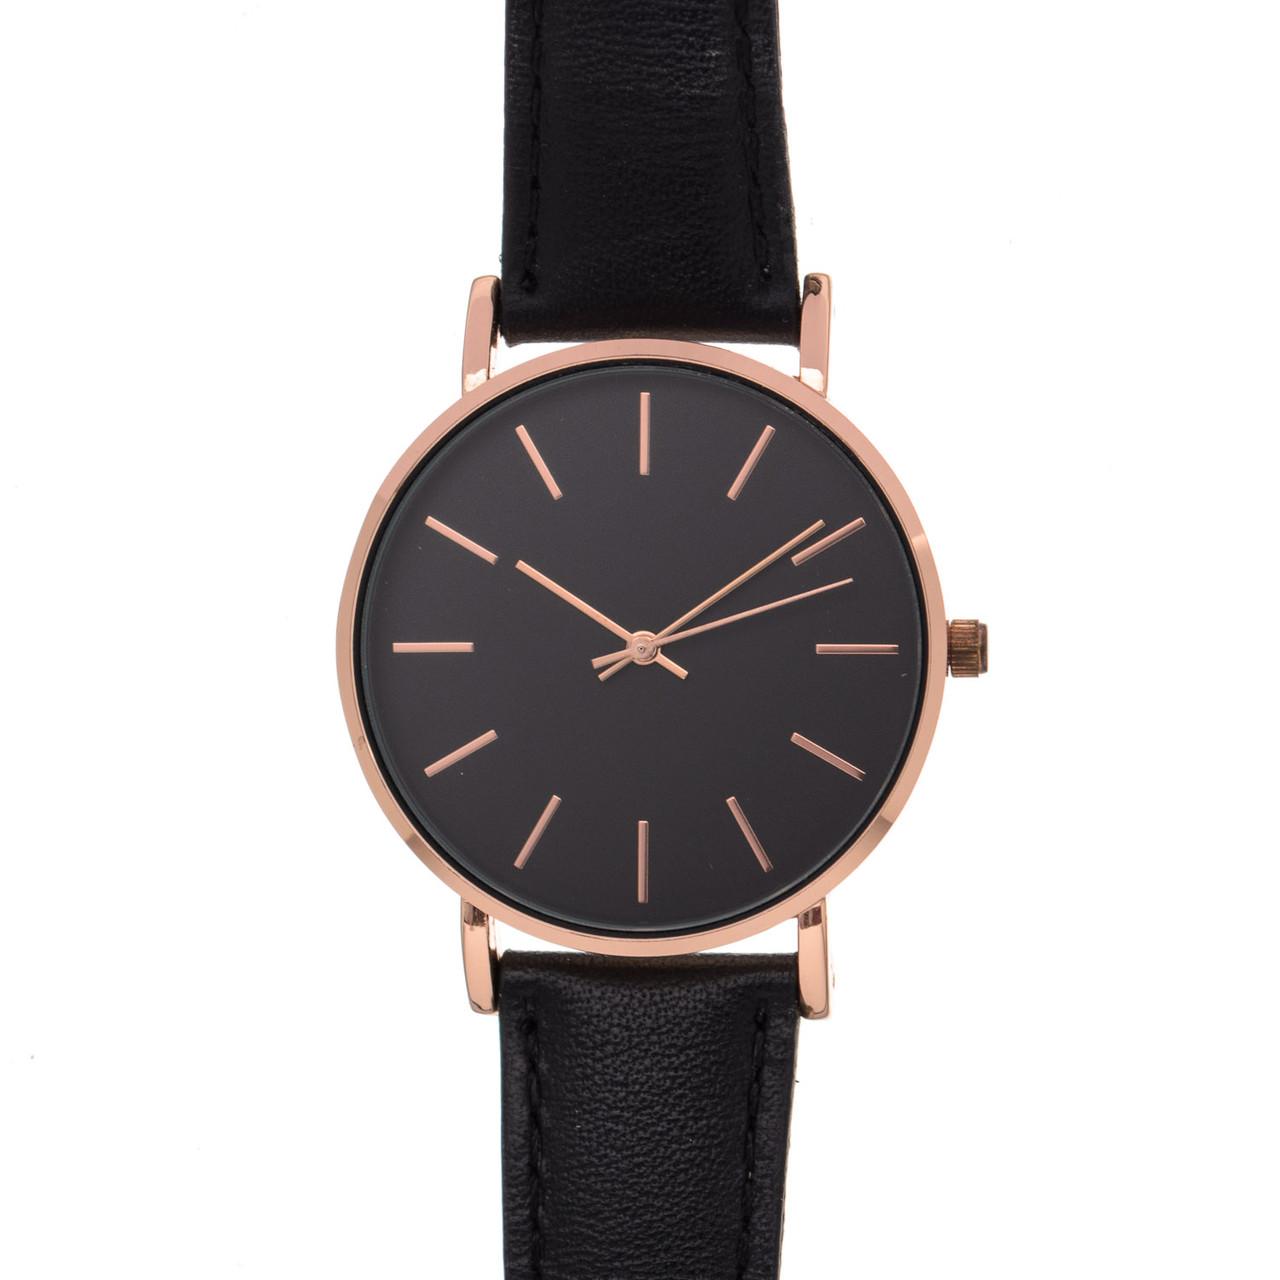 Жіночий годинник Kiomi txgyy Black